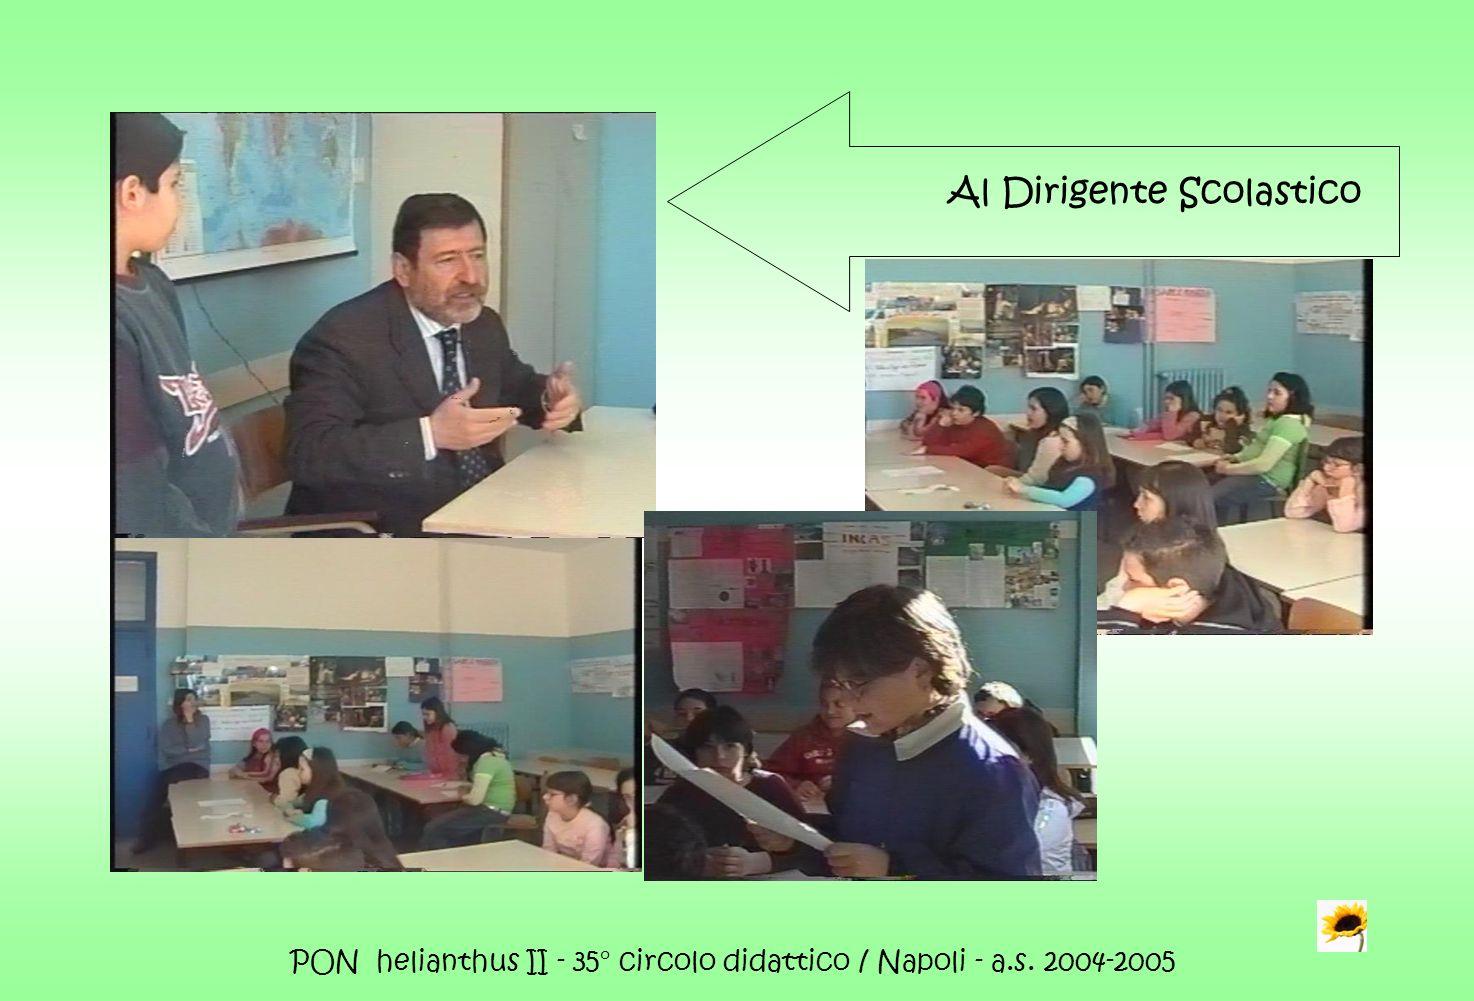 PON helianthus II - 35° circolo didattico / Napoli - a.s. 2004-2005 Al Dirigente Scolastico